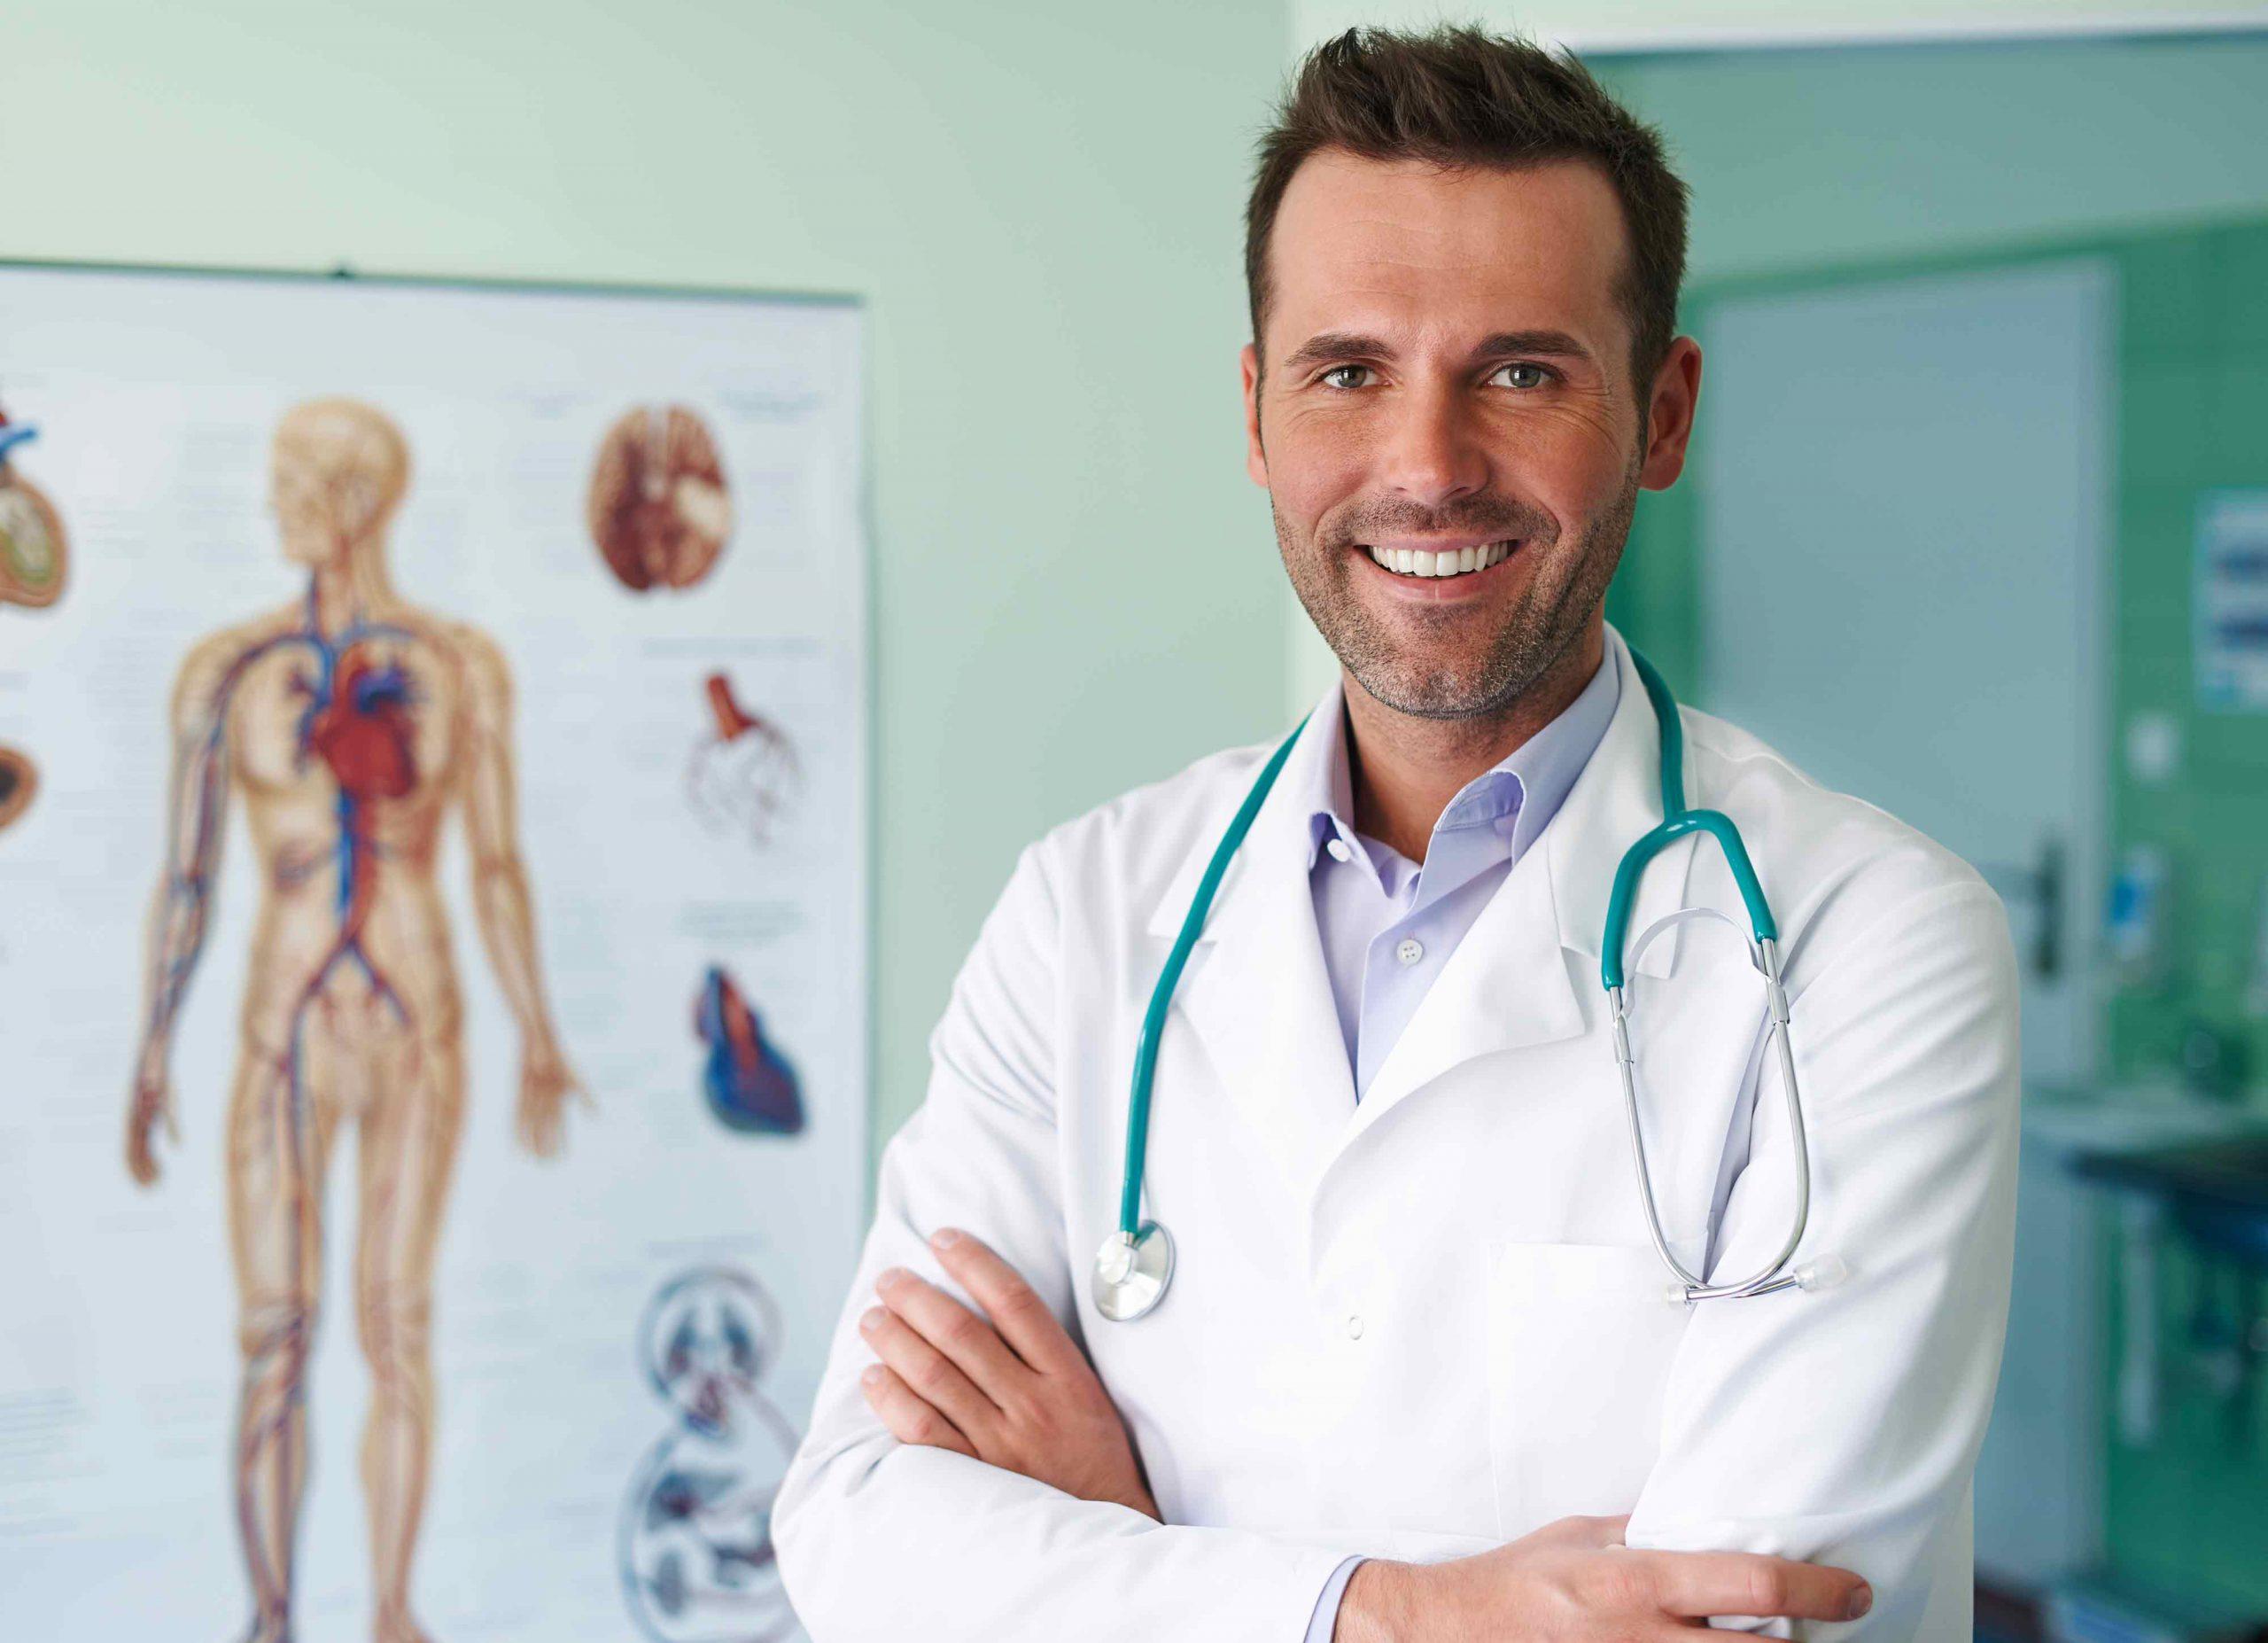 دعوت استرالیا از پزشکان